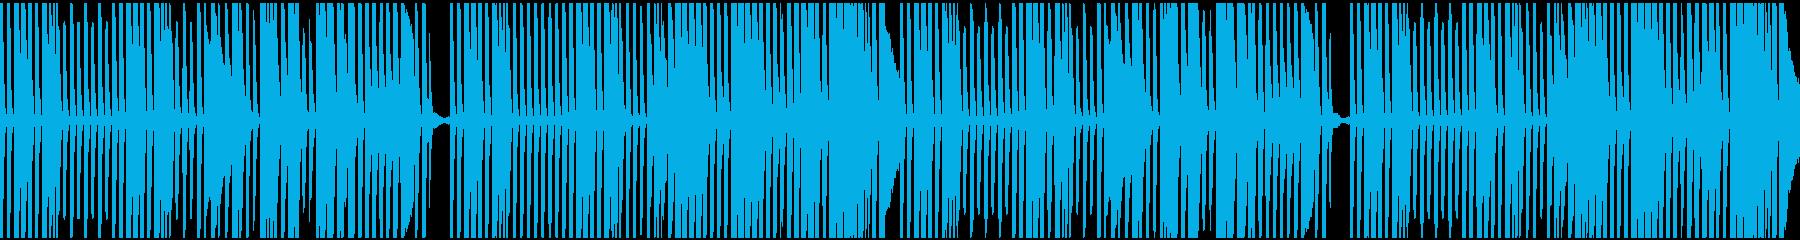 料理動画をイメージしたピアノループの再生済みの波形